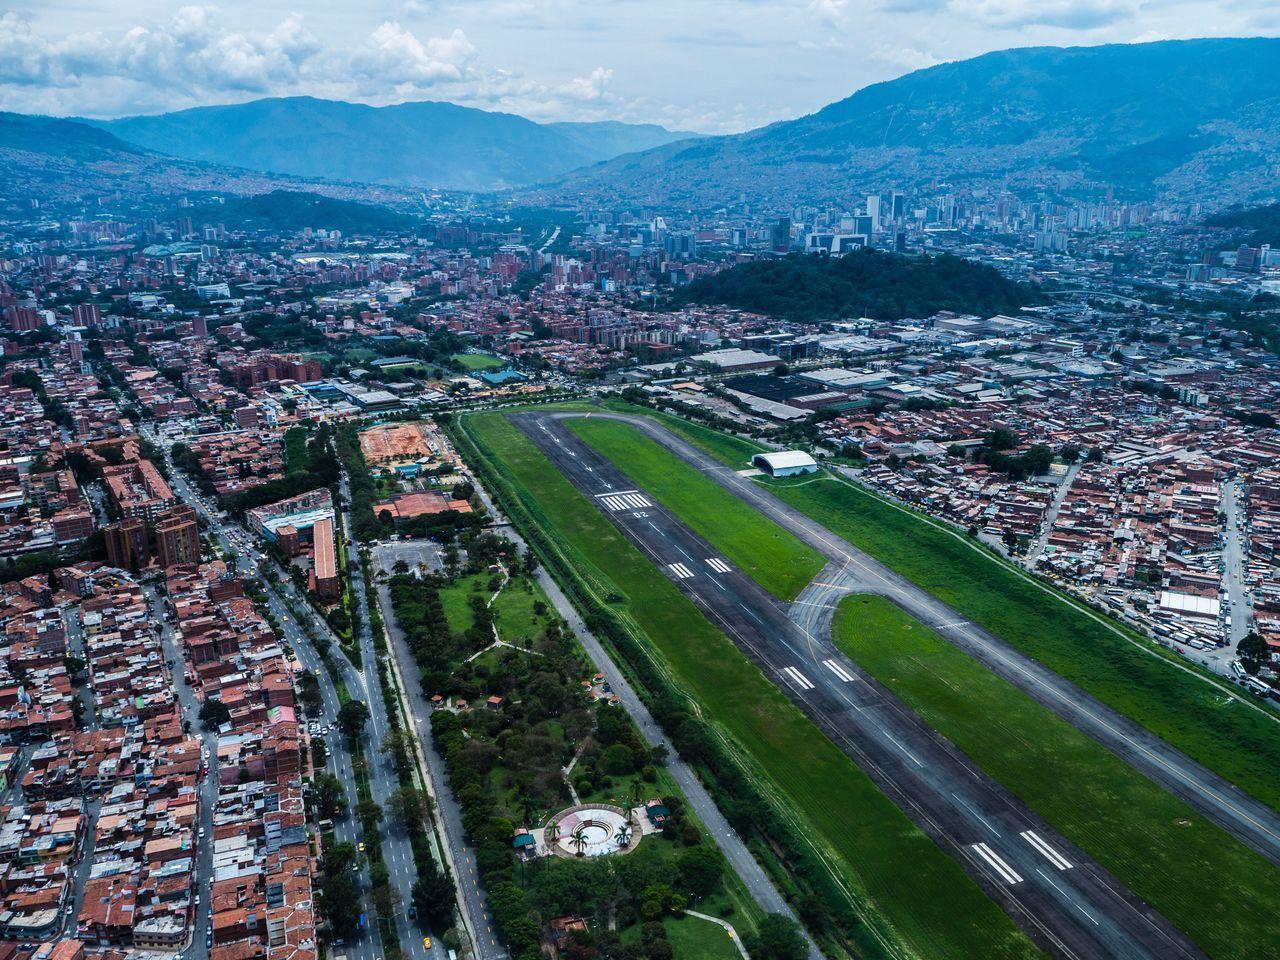 Aeropuerto olaya herrera de medellín colombia Fotografia Aérea